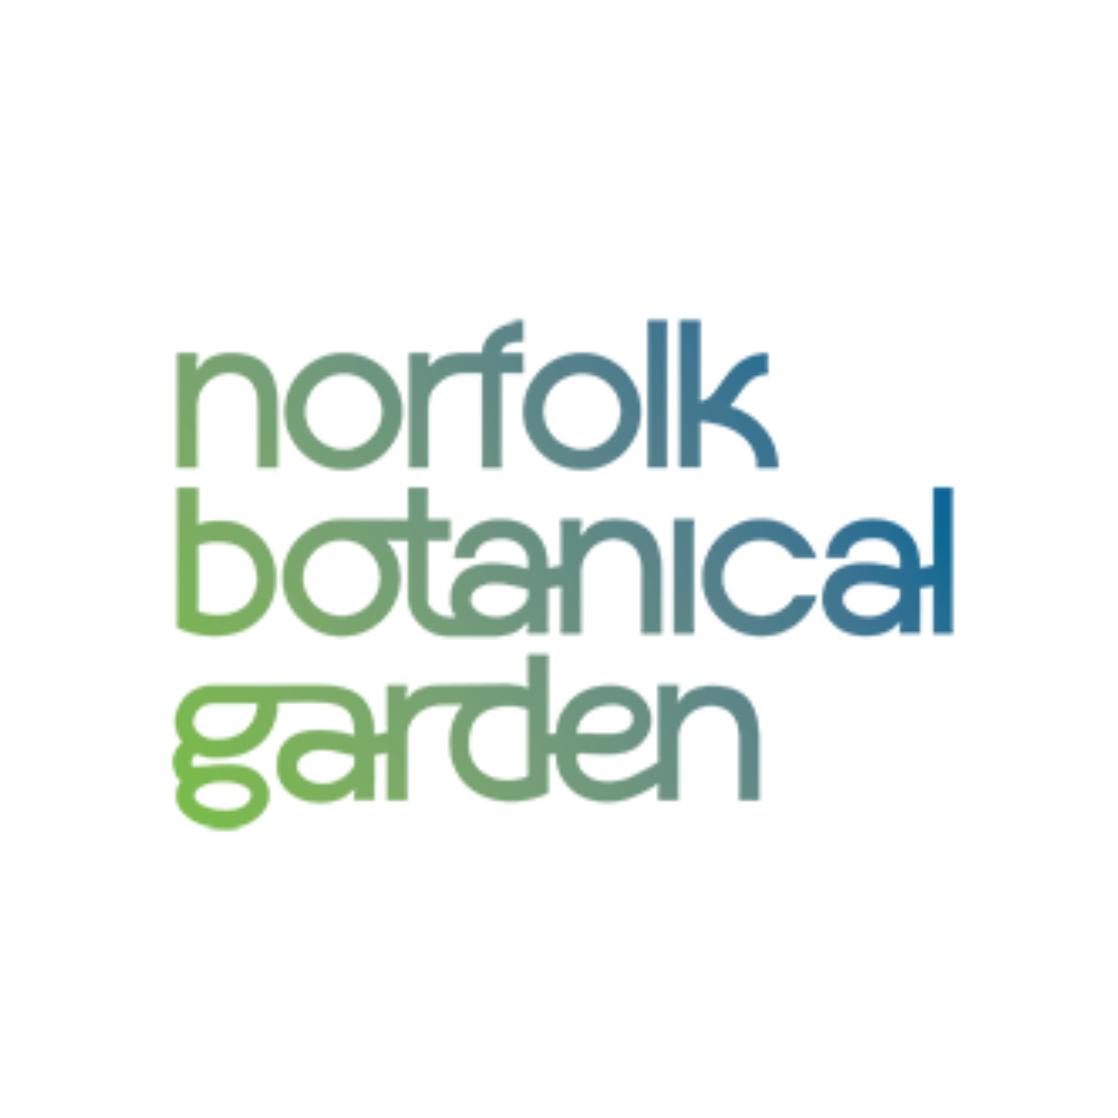 Norfolk botanical gardens logo